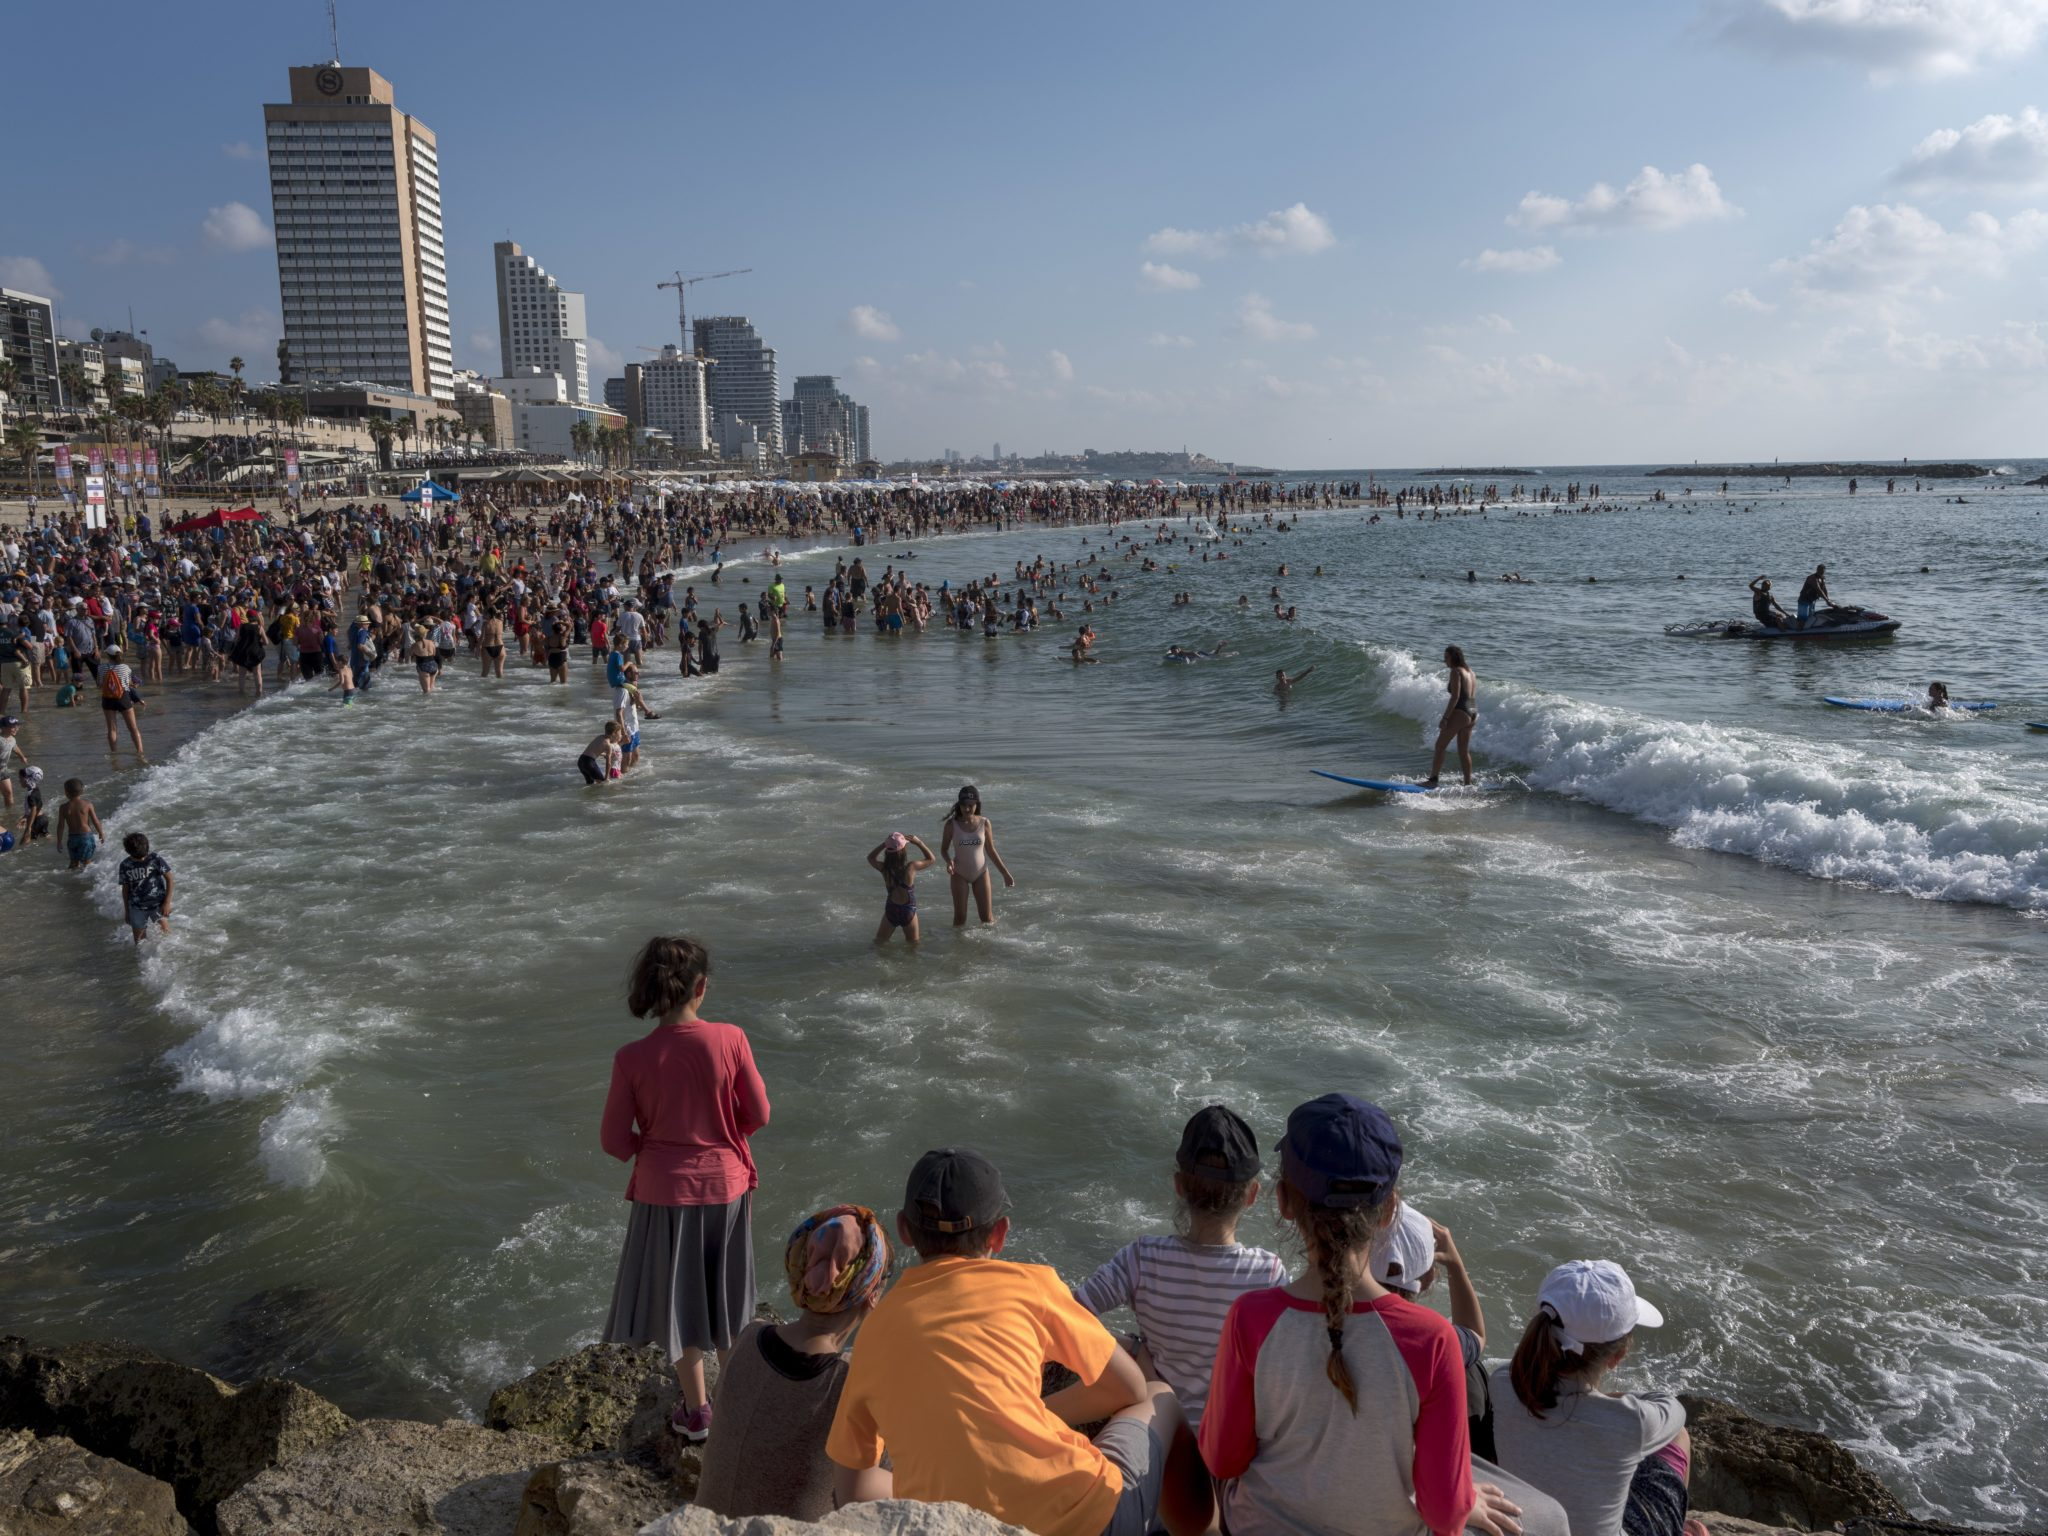 Izraelczycy w strojach z lat czterdziestych XX wieku - flash mob na plaży w Tel Awiwie (reprodukcja Ha'Apala, czyli żydowskiej imigracji do Izraela drogą morską, z okazji 70. rocznicy ustanowienie państwa Izrael w 1948 roku), fot. Jim Hollander, PAP/EPA